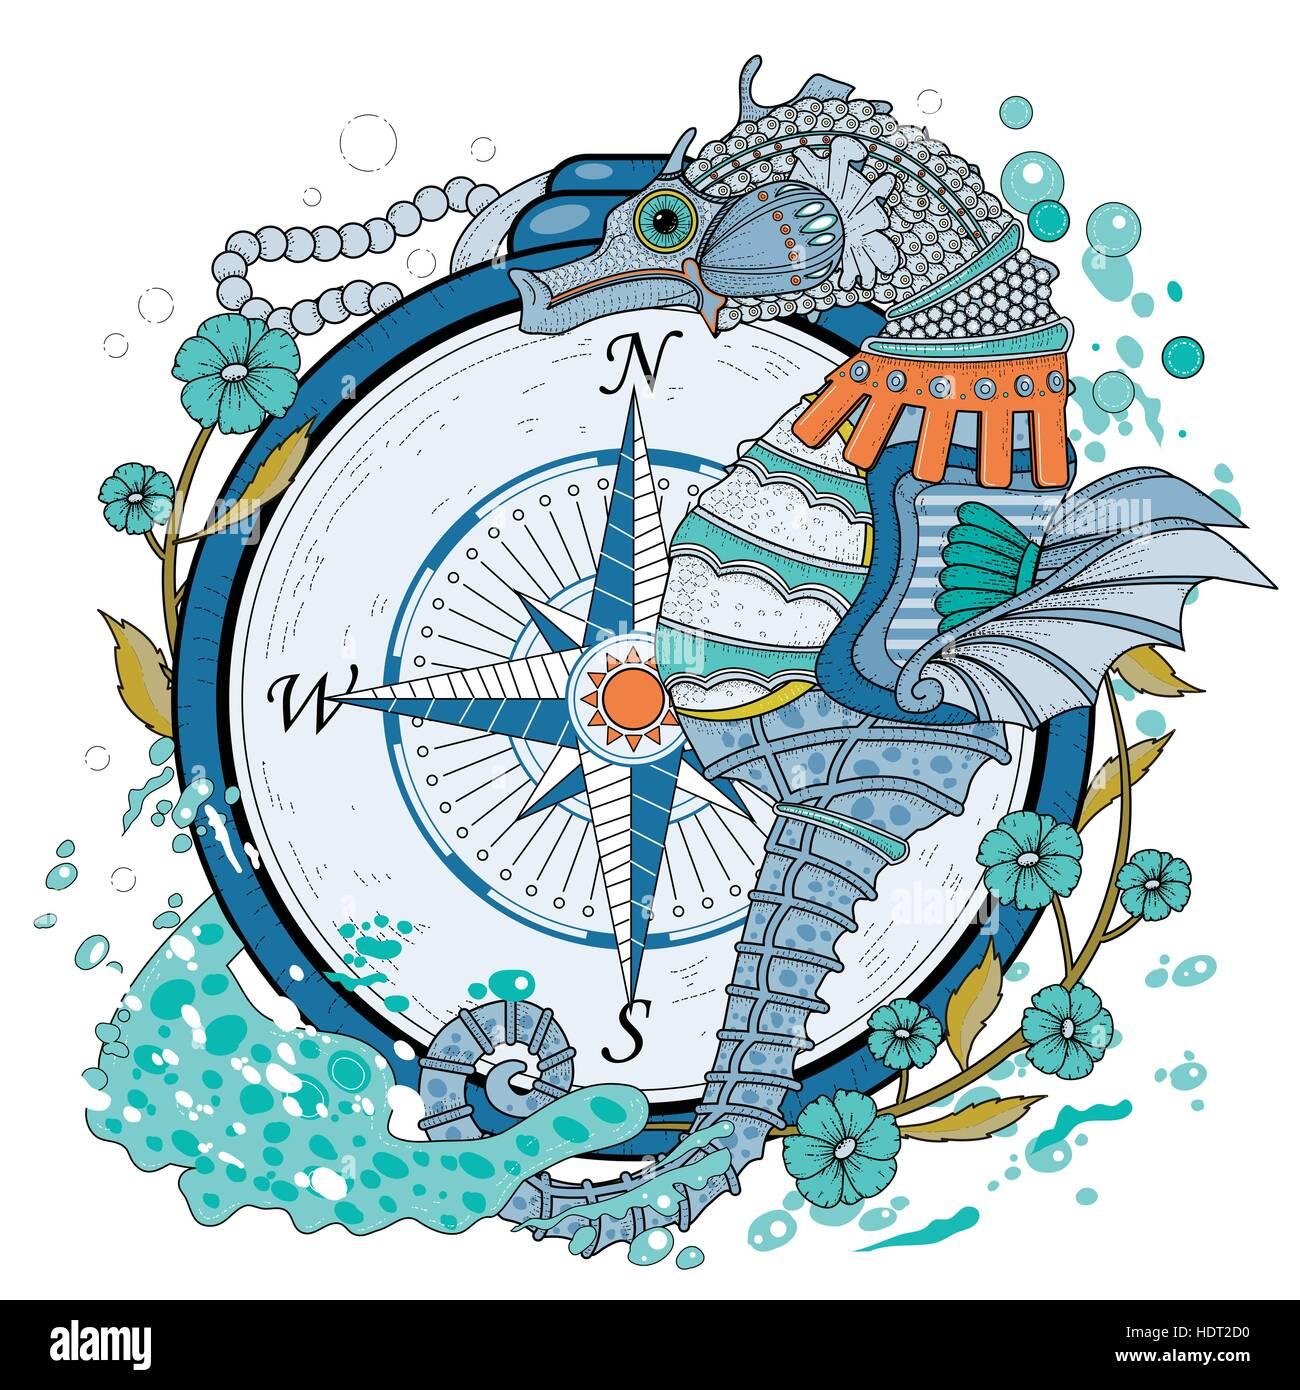 Seahorse Abstract Stockfotos & Seahorse Abstract Bilder - Seite 2 ...